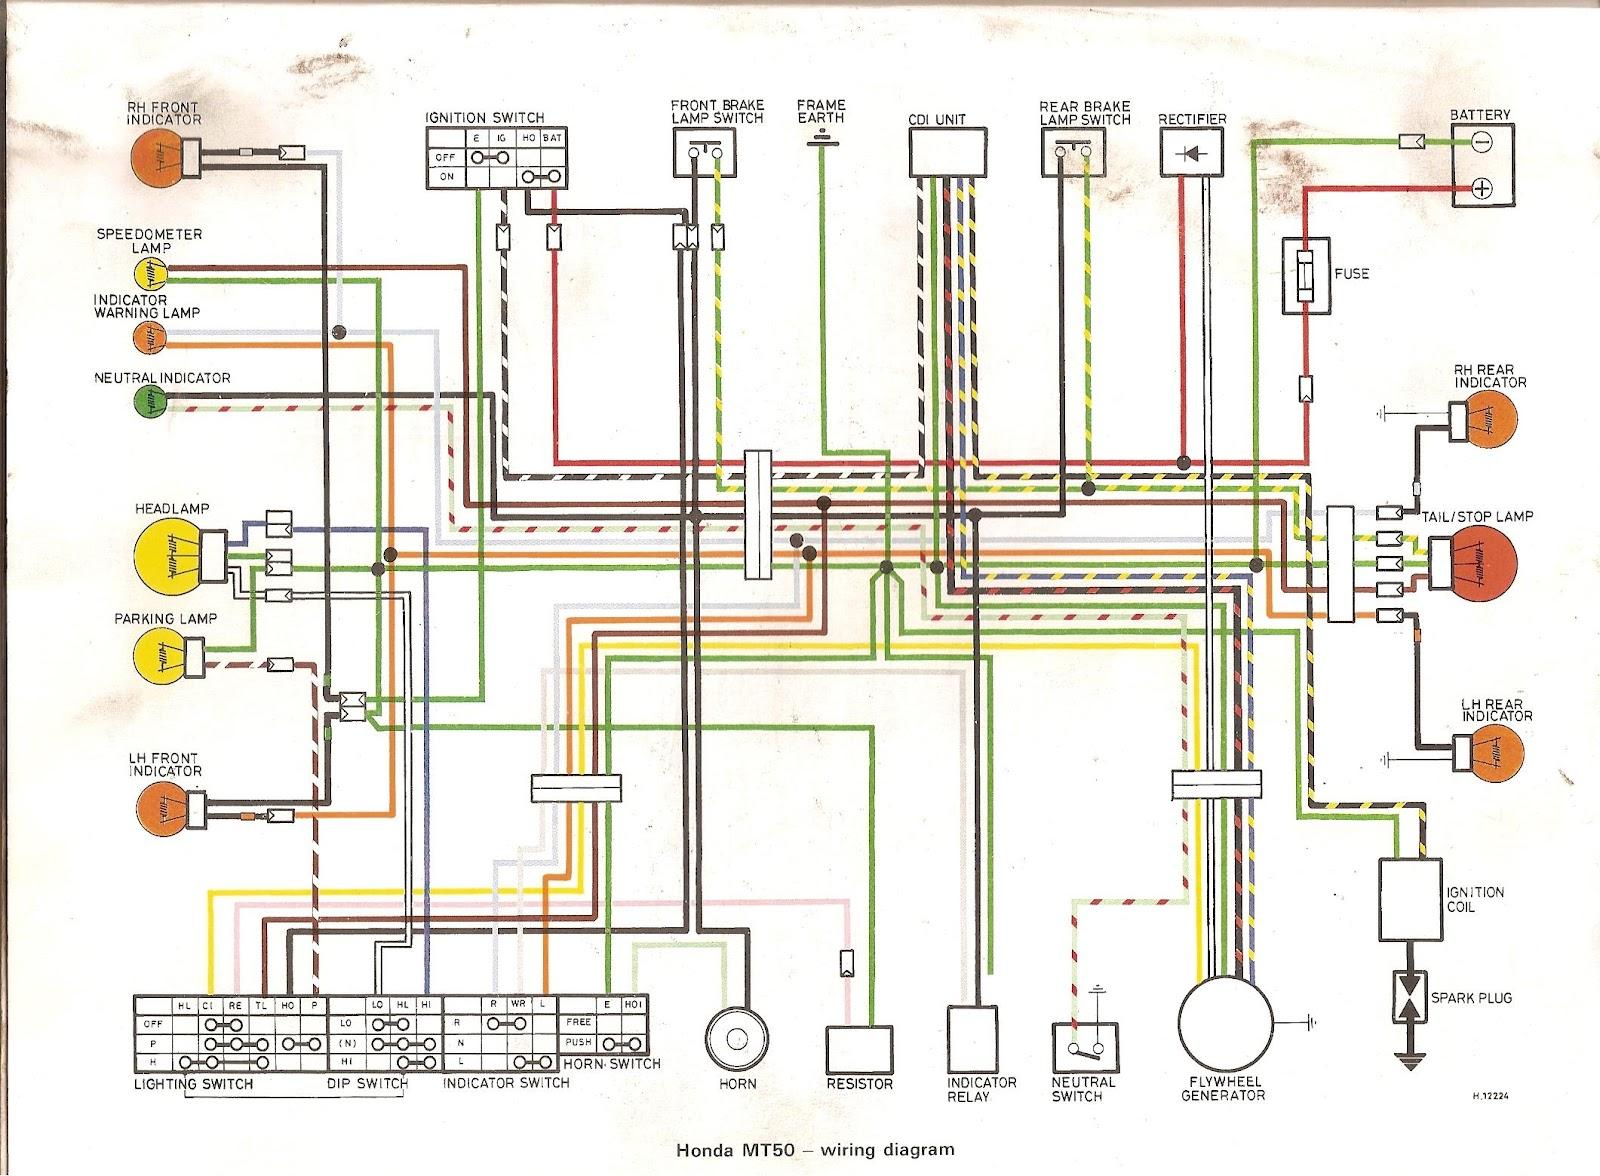 Honda Mt 50 Wiring Diagram : Hondaspace elektrisch aansluitschema mt eerste modellen